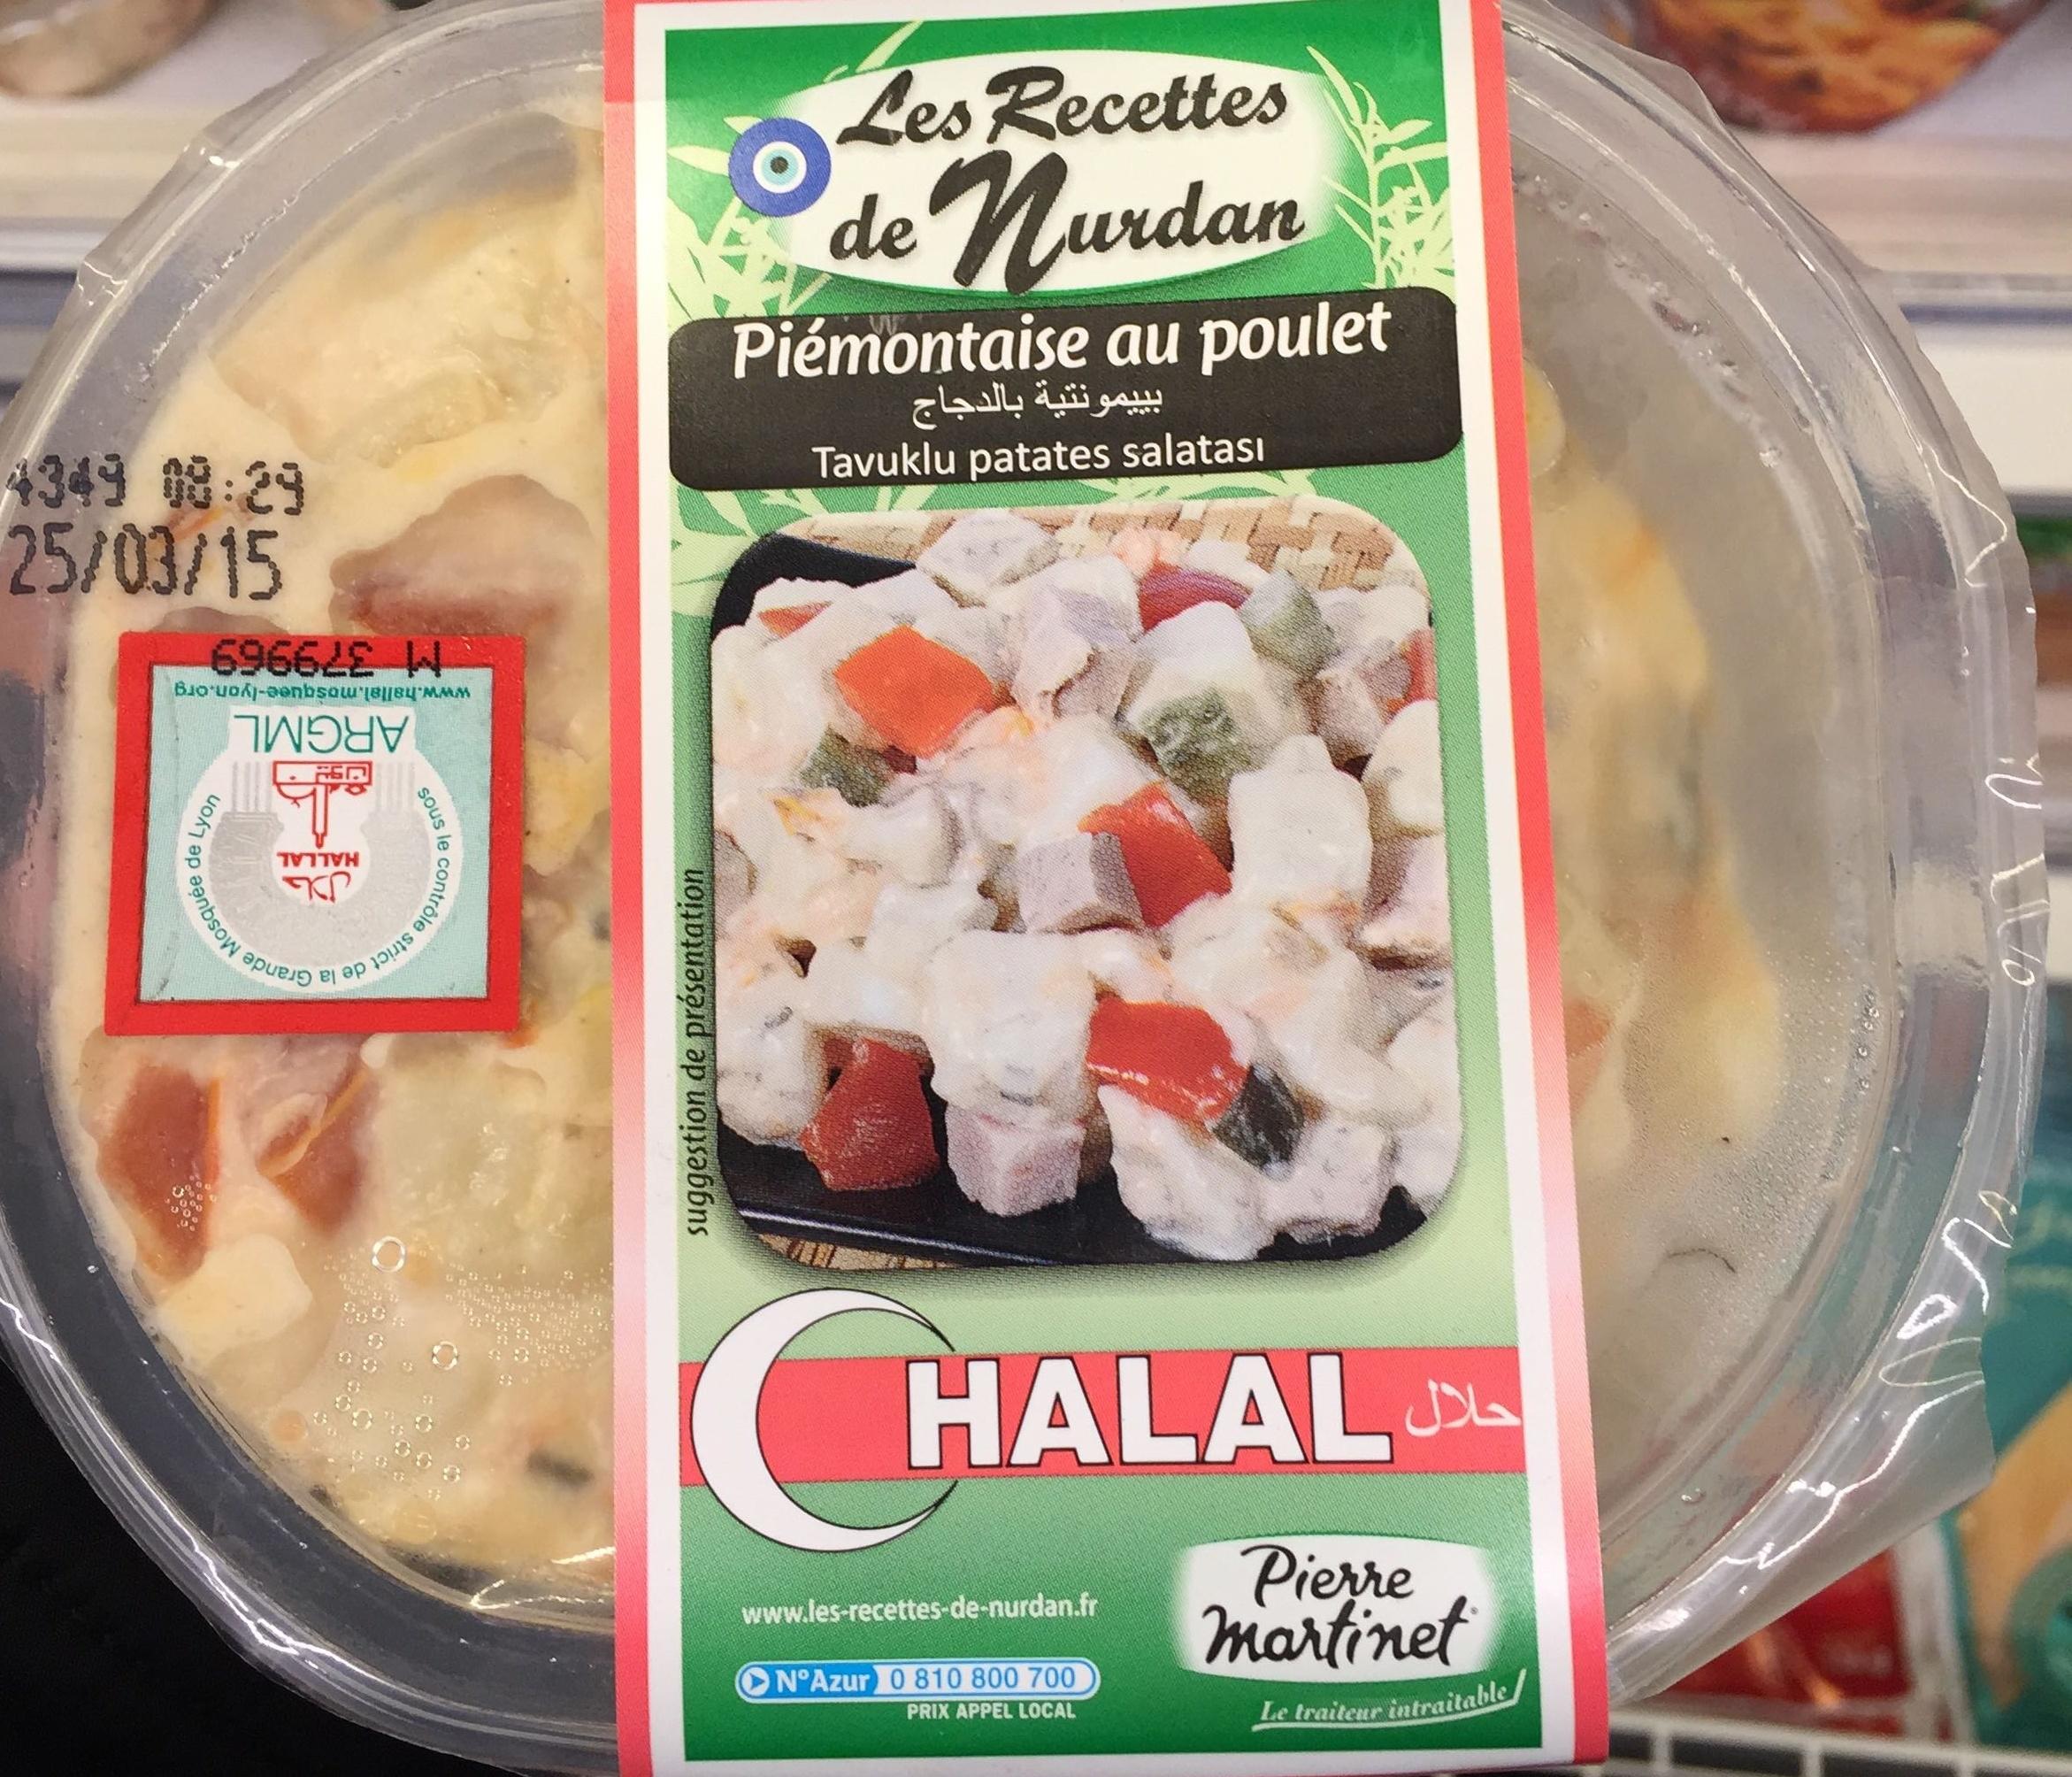 Piémontaise au poulet - Produit - fr